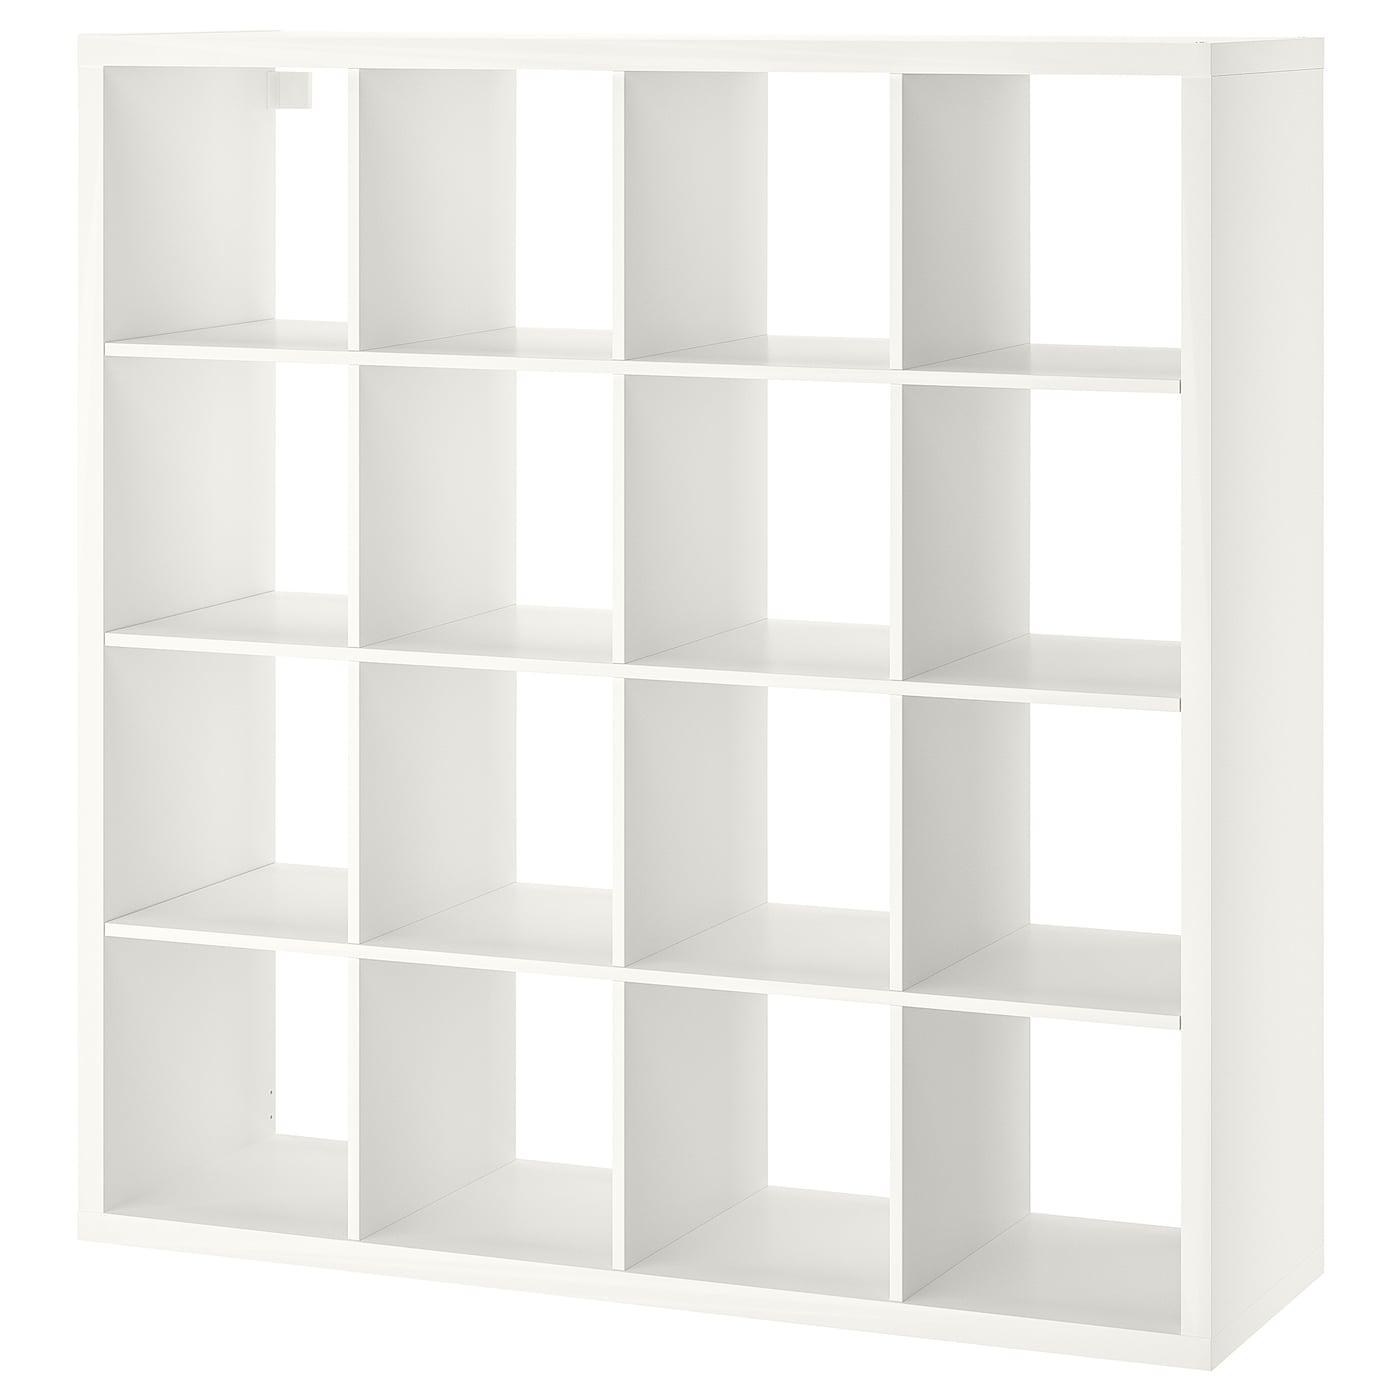 Regale IKEA.AT | Haus wohnzimmer, Regal mit körben, Haus deko